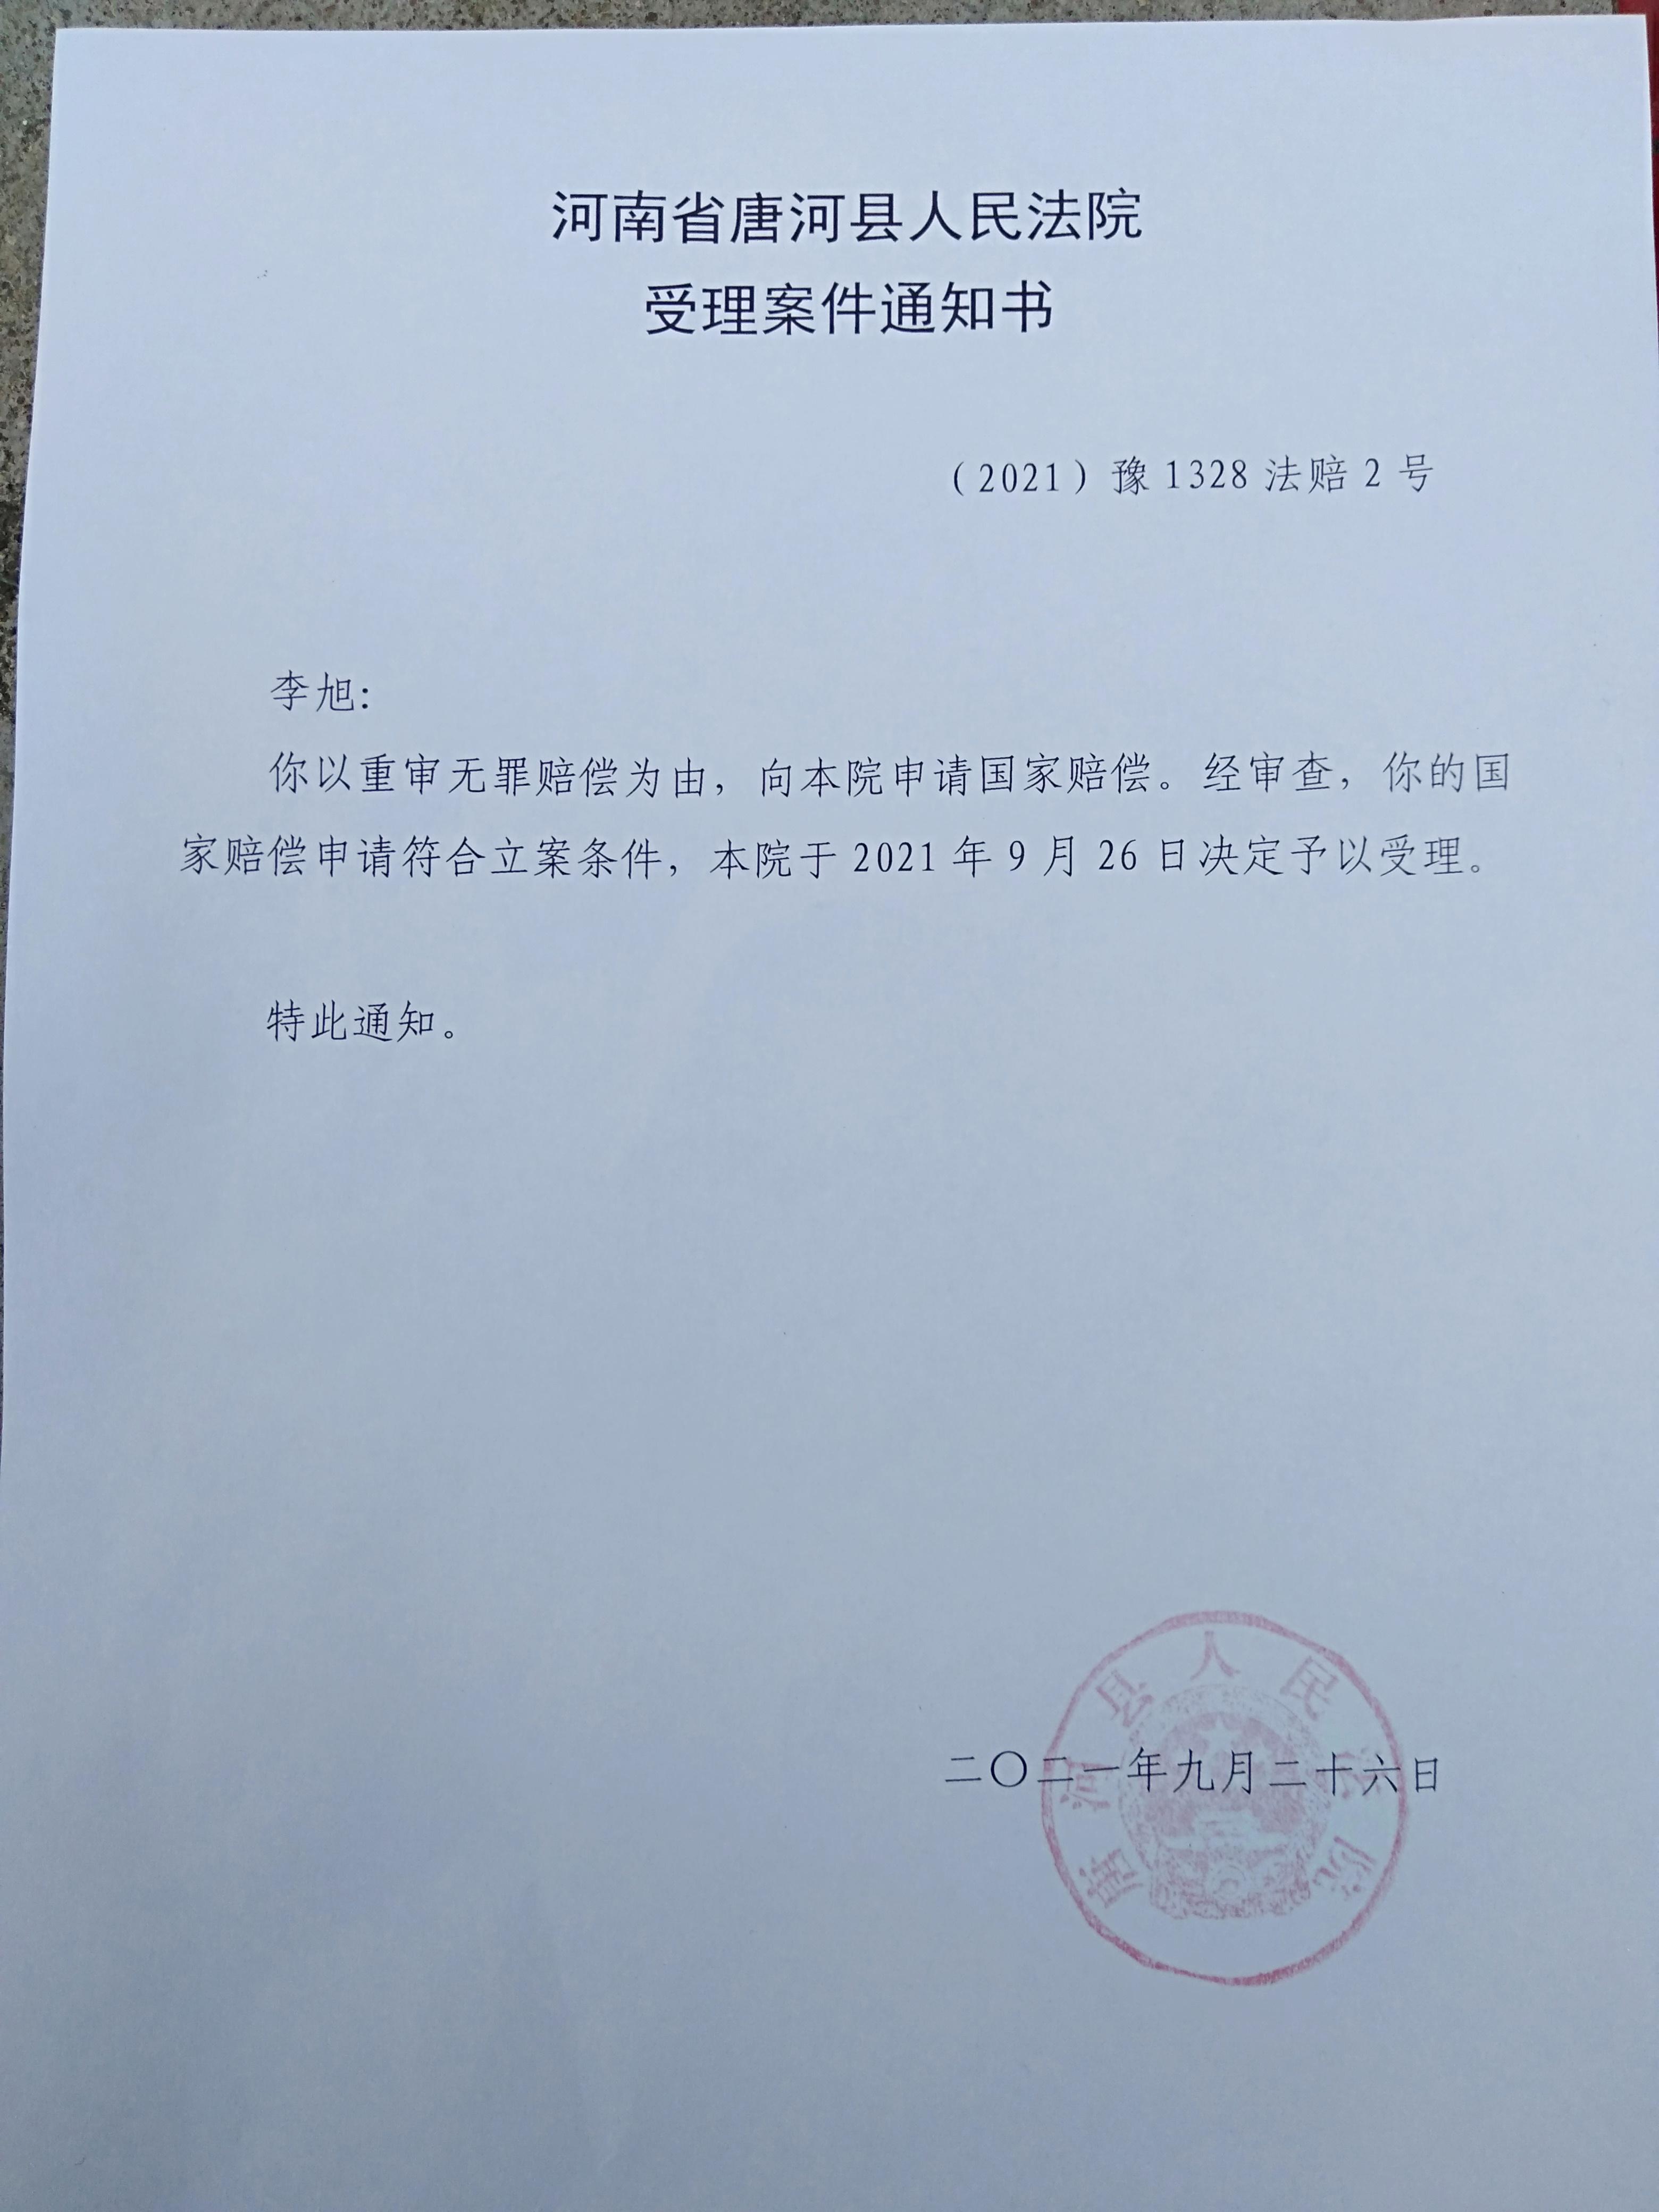 唐河县法院作出的国家赔偿受理通知书 本文图片均由受访者提供